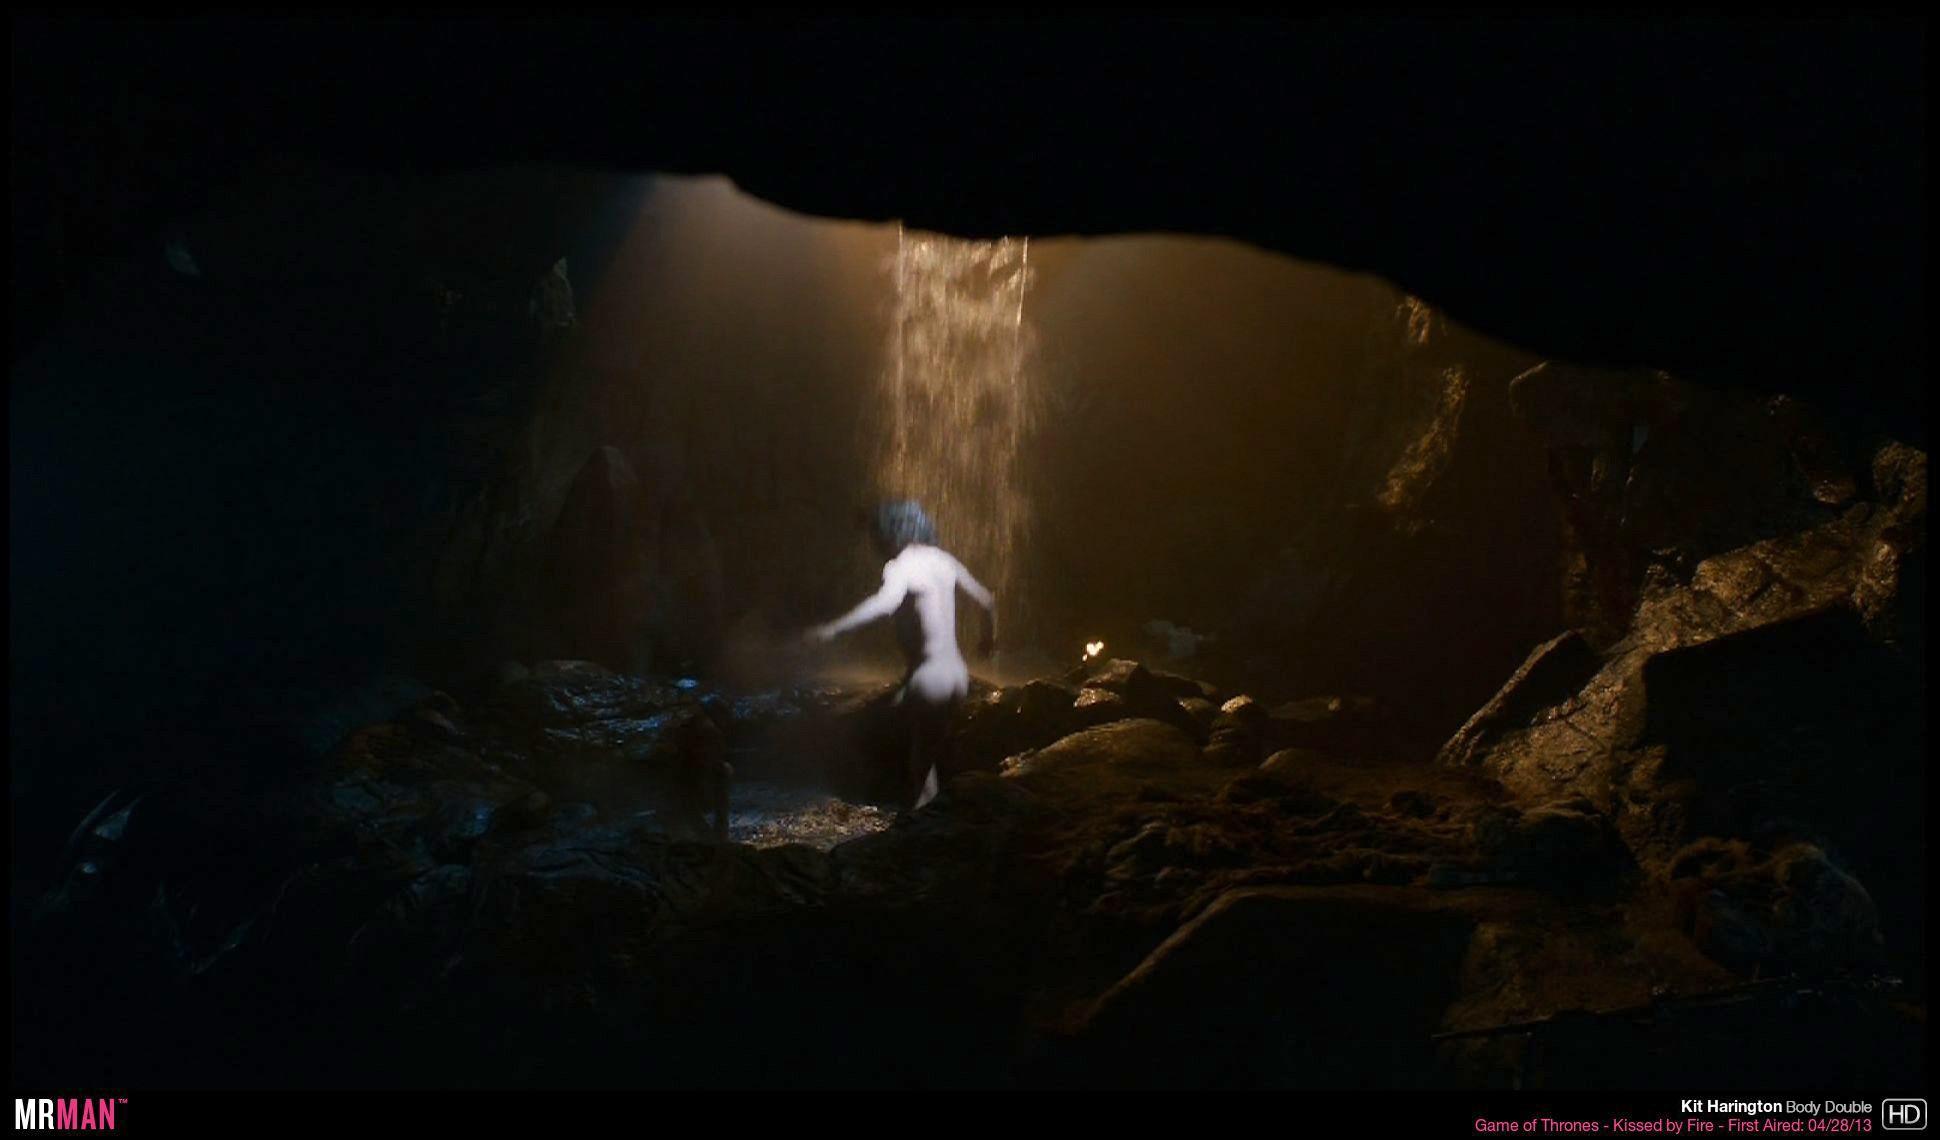 Kit Harington | LeakedMeat 42